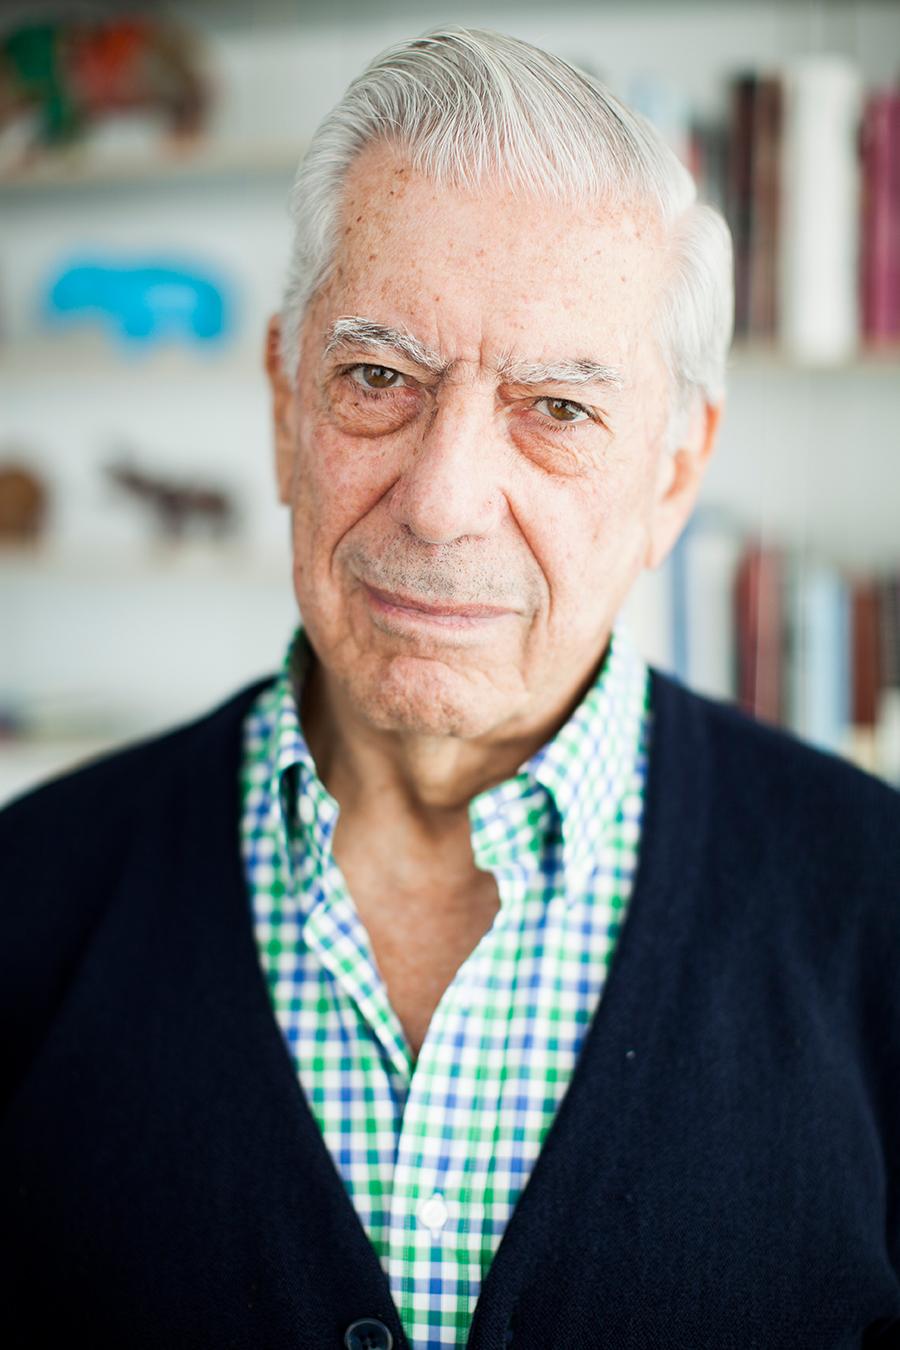 Mario Vargas Llosa Archivos Fernando Sancho Photographyfernando Sancho Photography